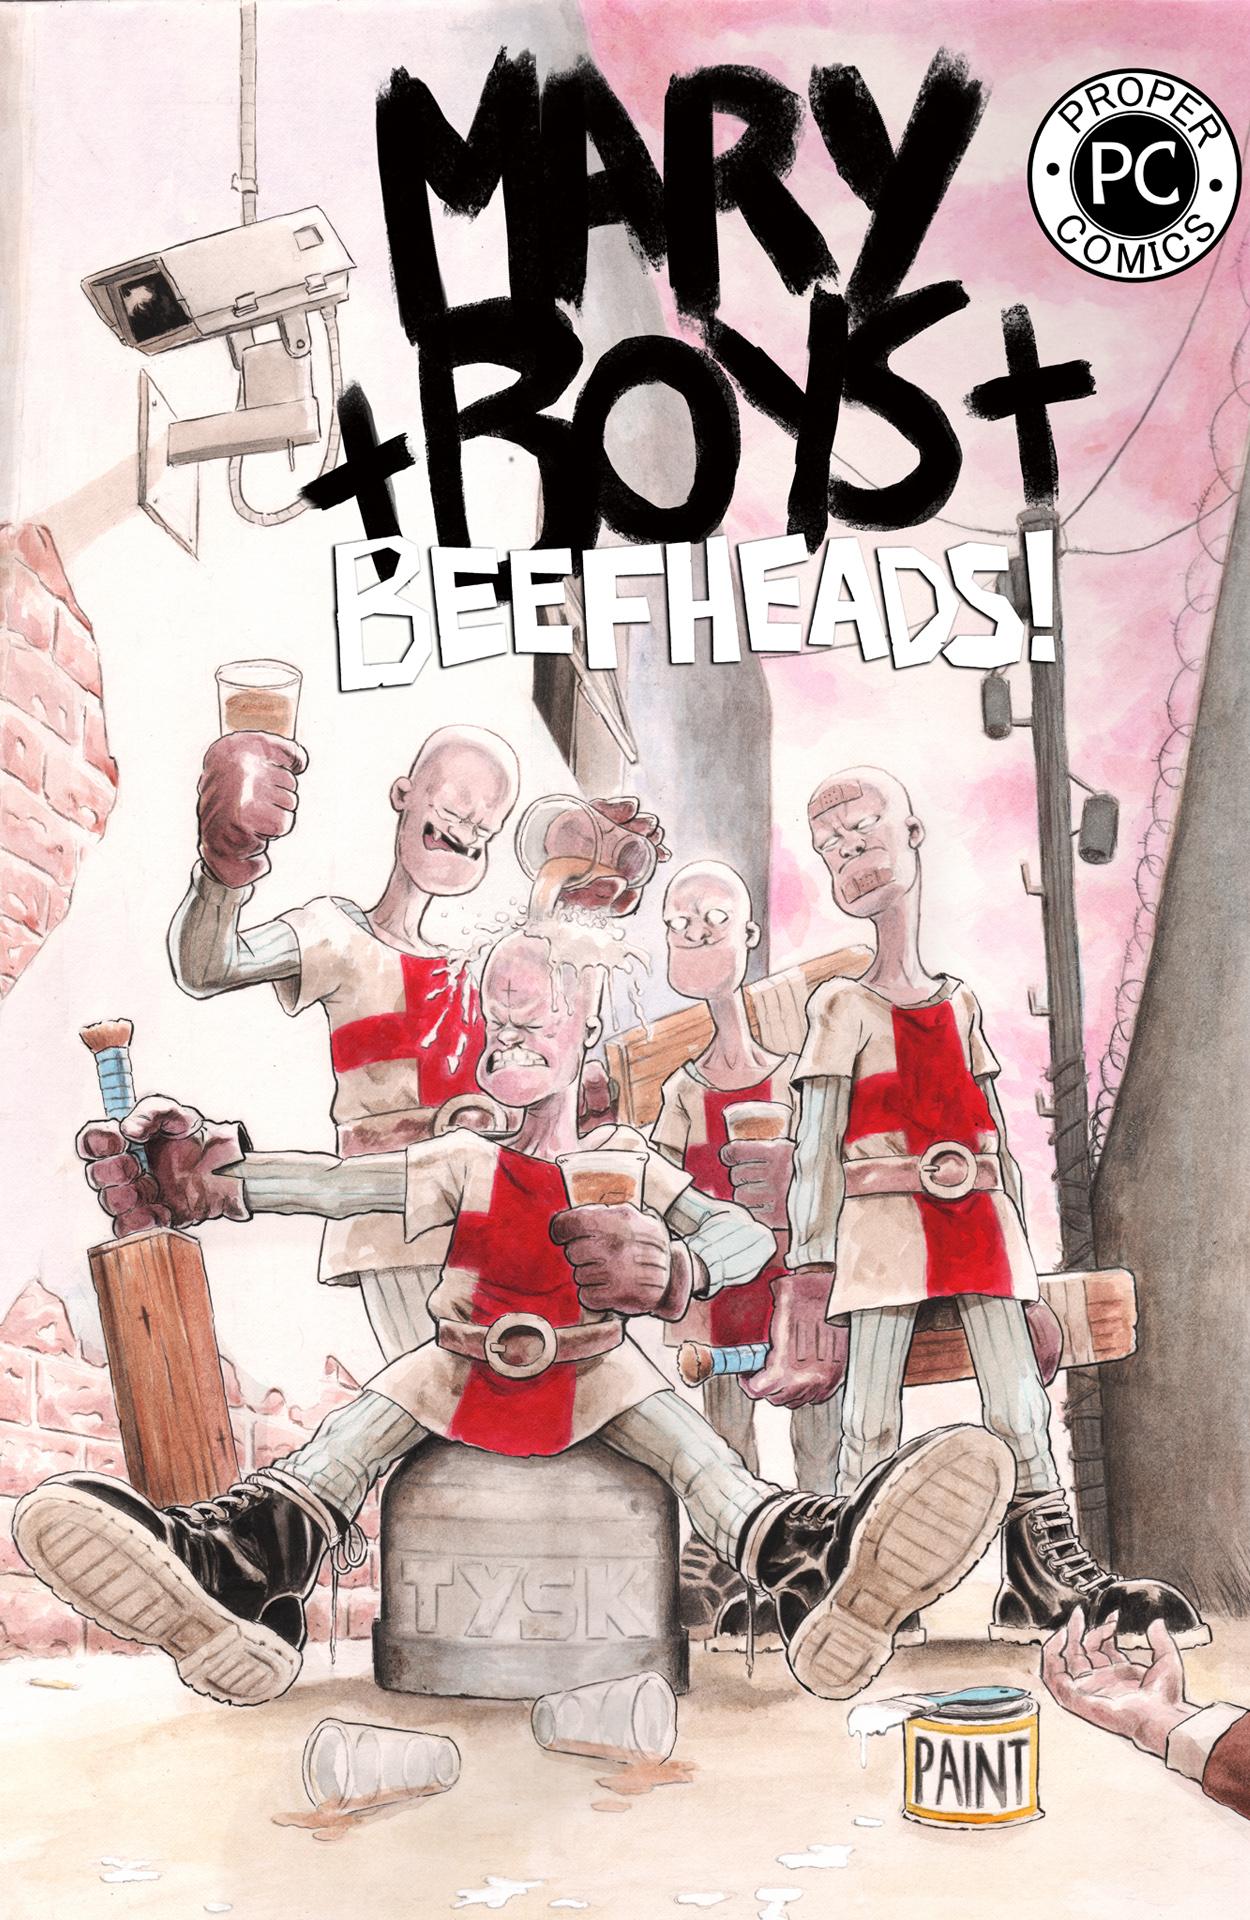 MARY BOYS : BEEFHEADS!